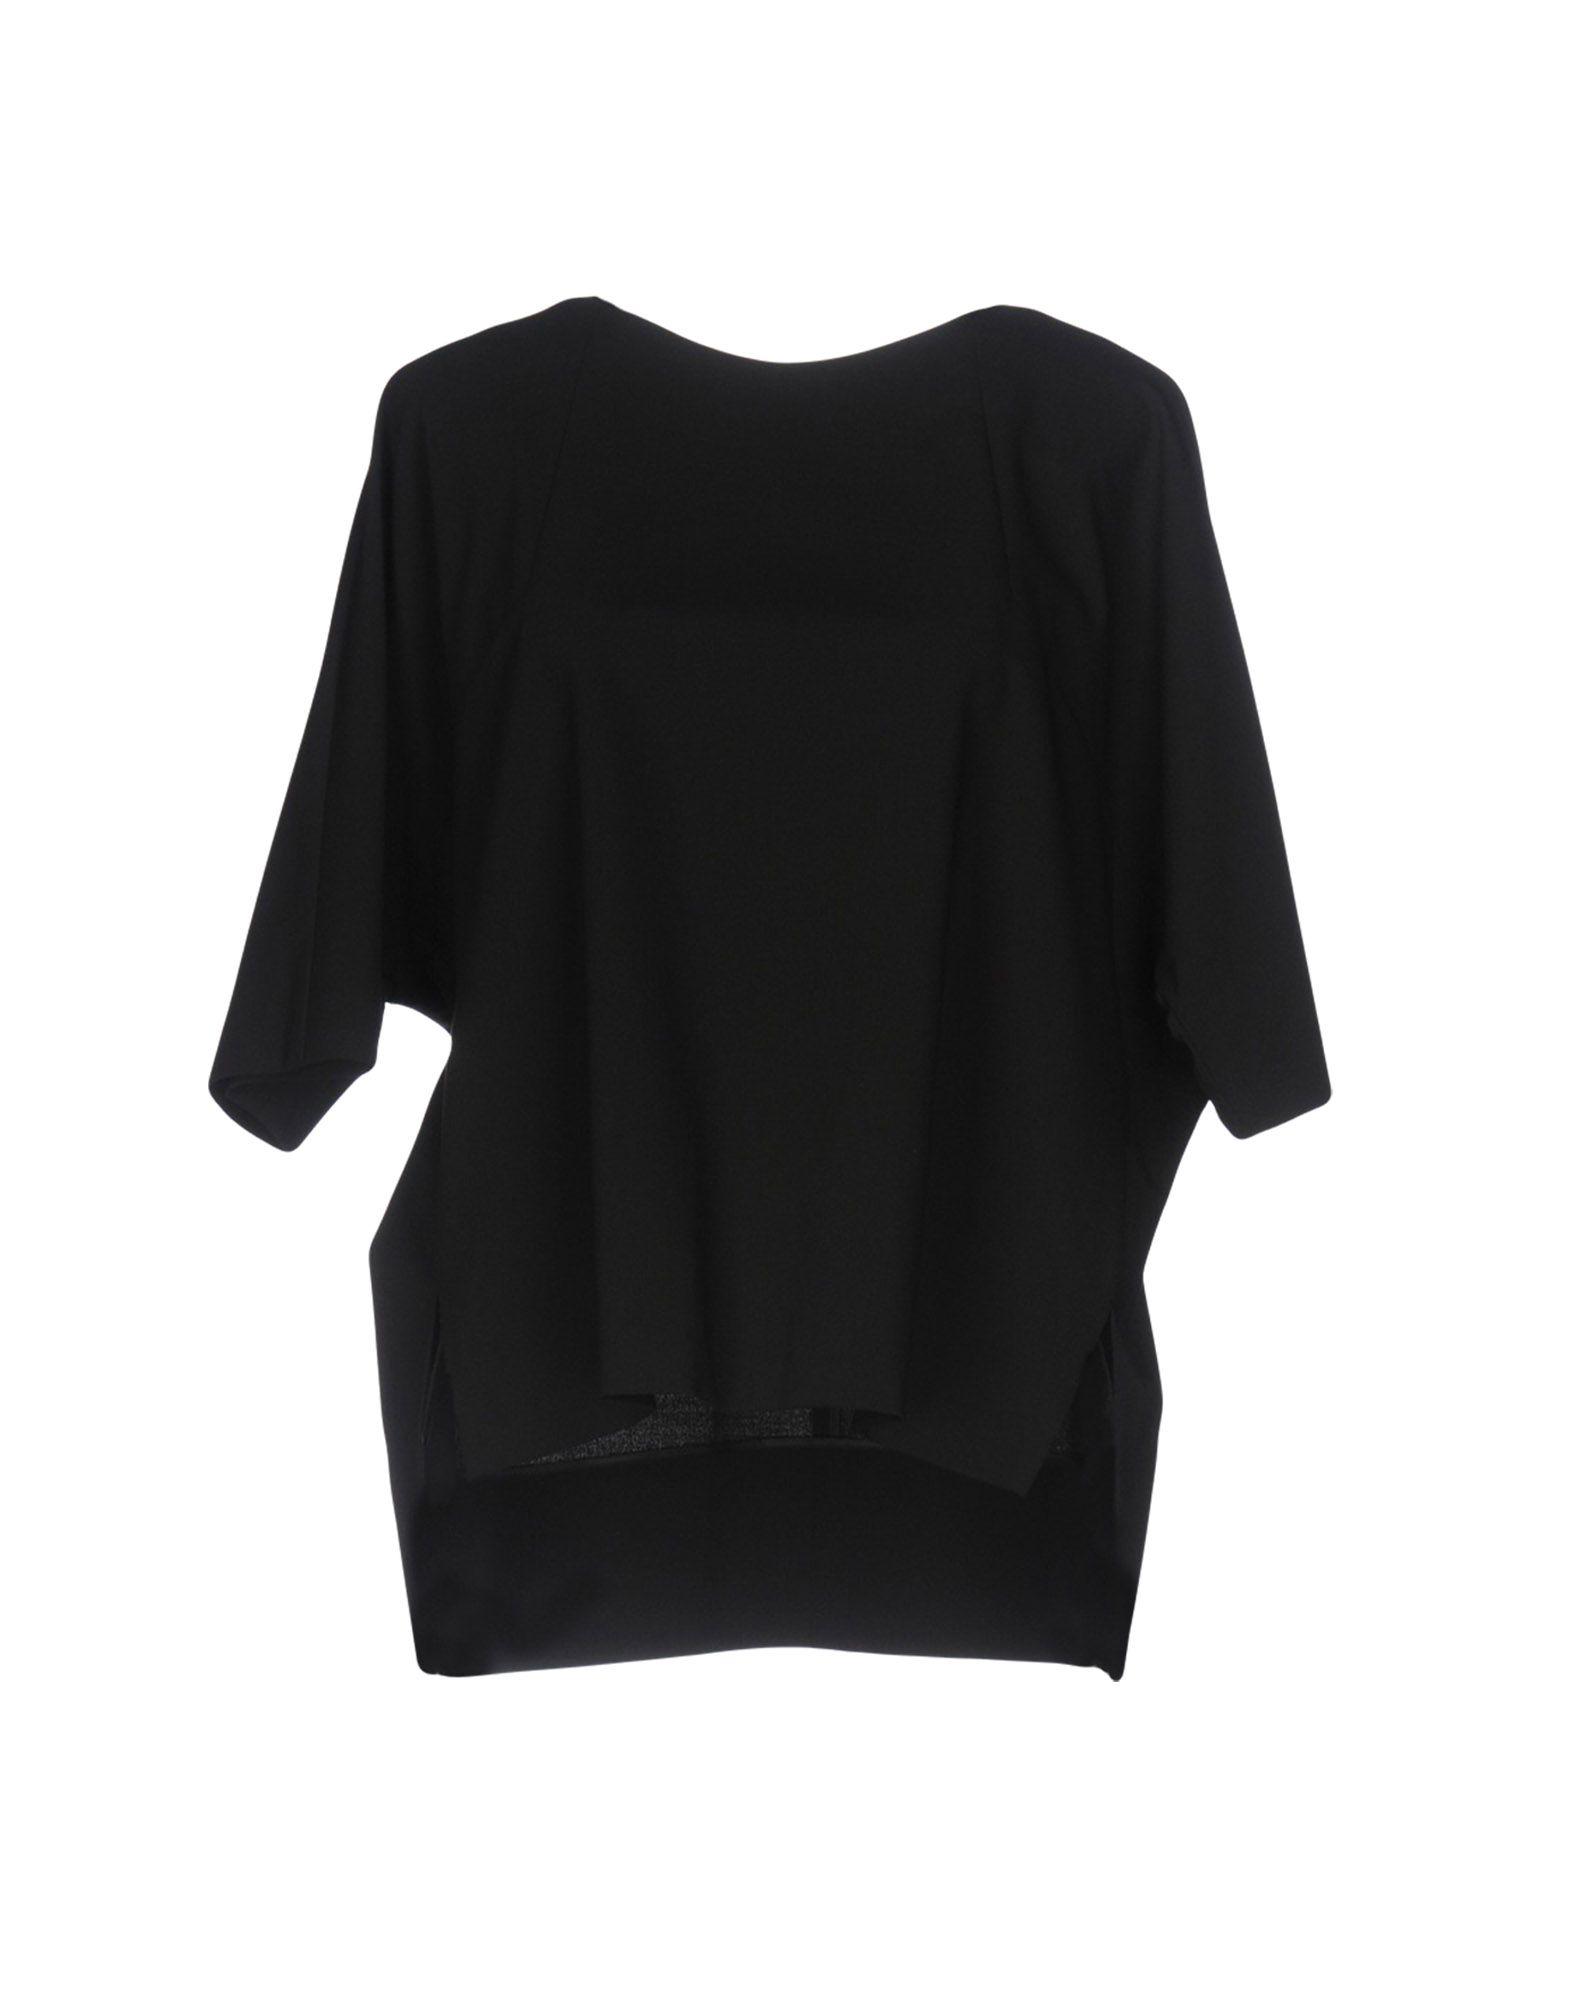 Blouse in Black